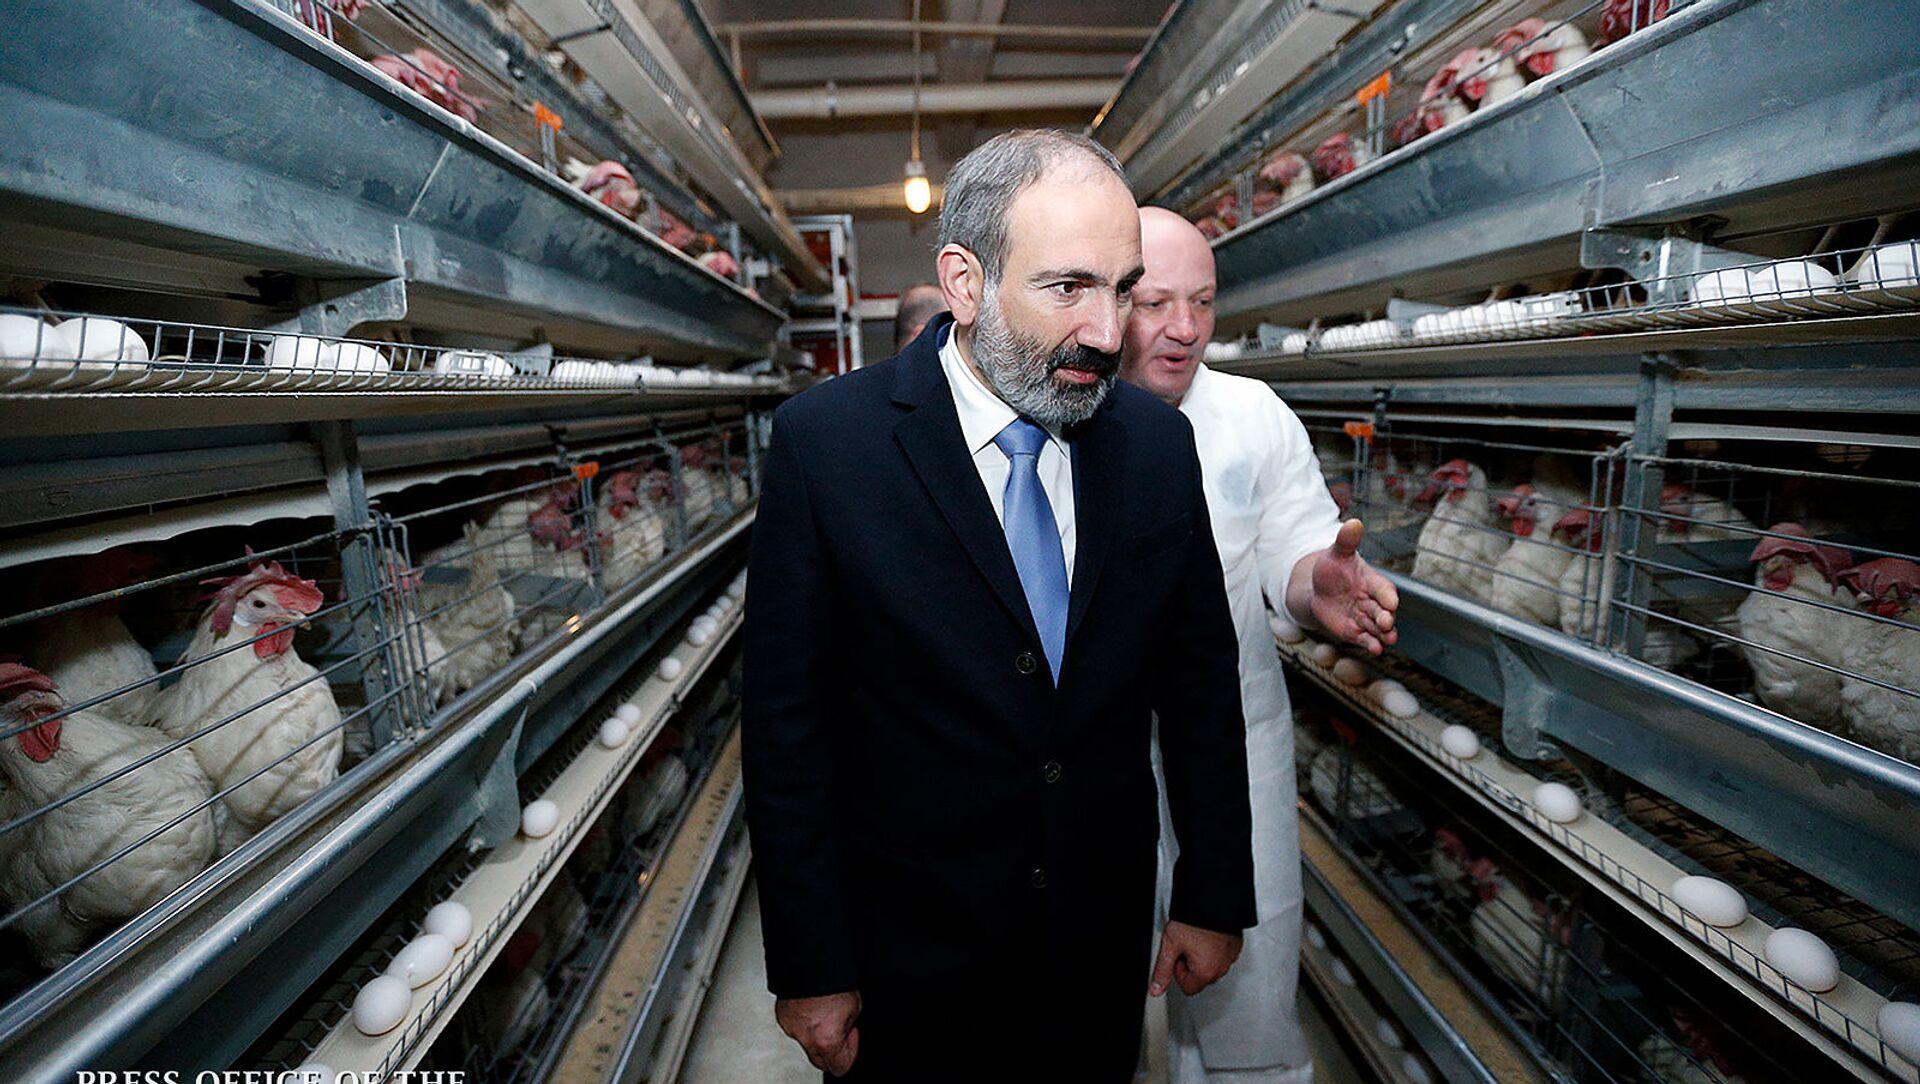 И.о. премьер-министра Никол Пашинян посетил фермерское хозяйство в Апаране (21 ноября 2018). Арагацотн - Sputnik Արմենիա, 1920, 16.04.2021